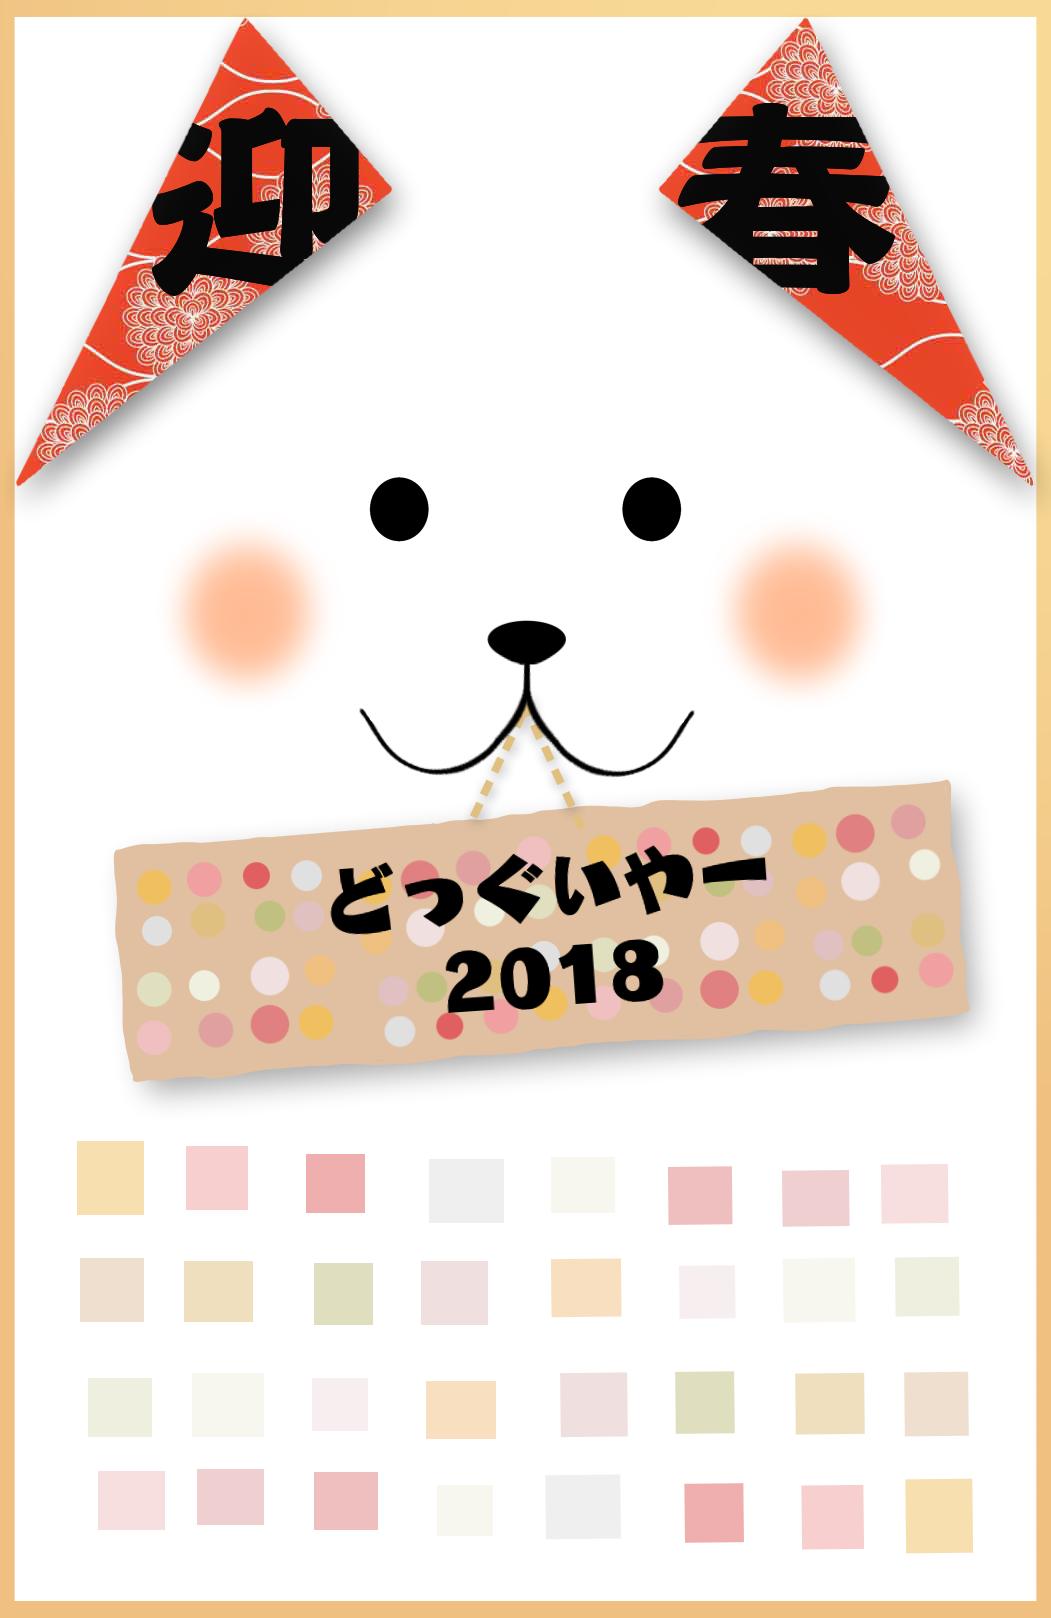 shinko/年賀状2018